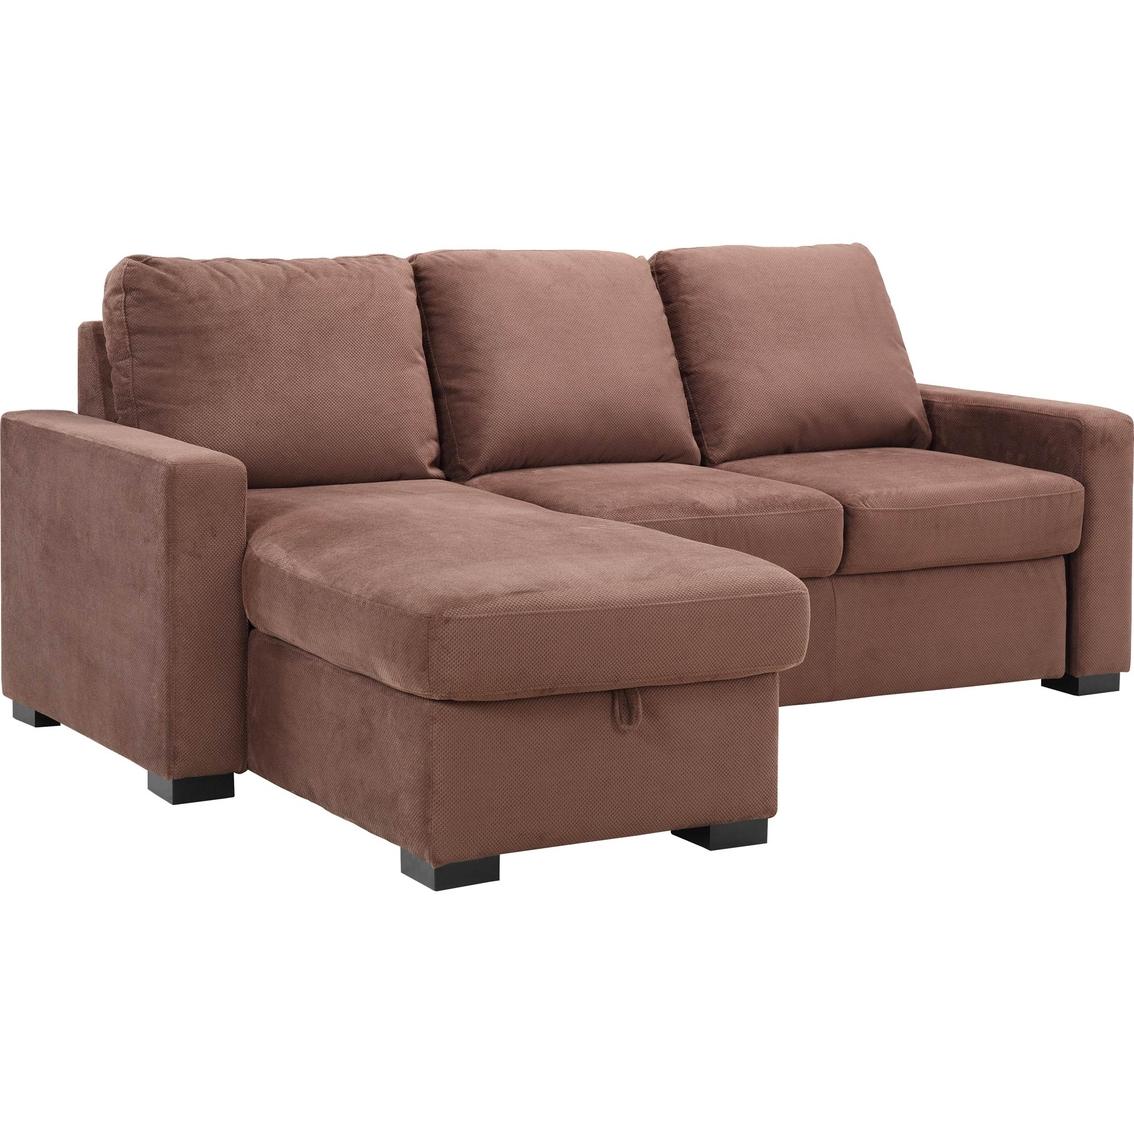 Serta Chester Convertible Sleeper Chaise Sofa Serta